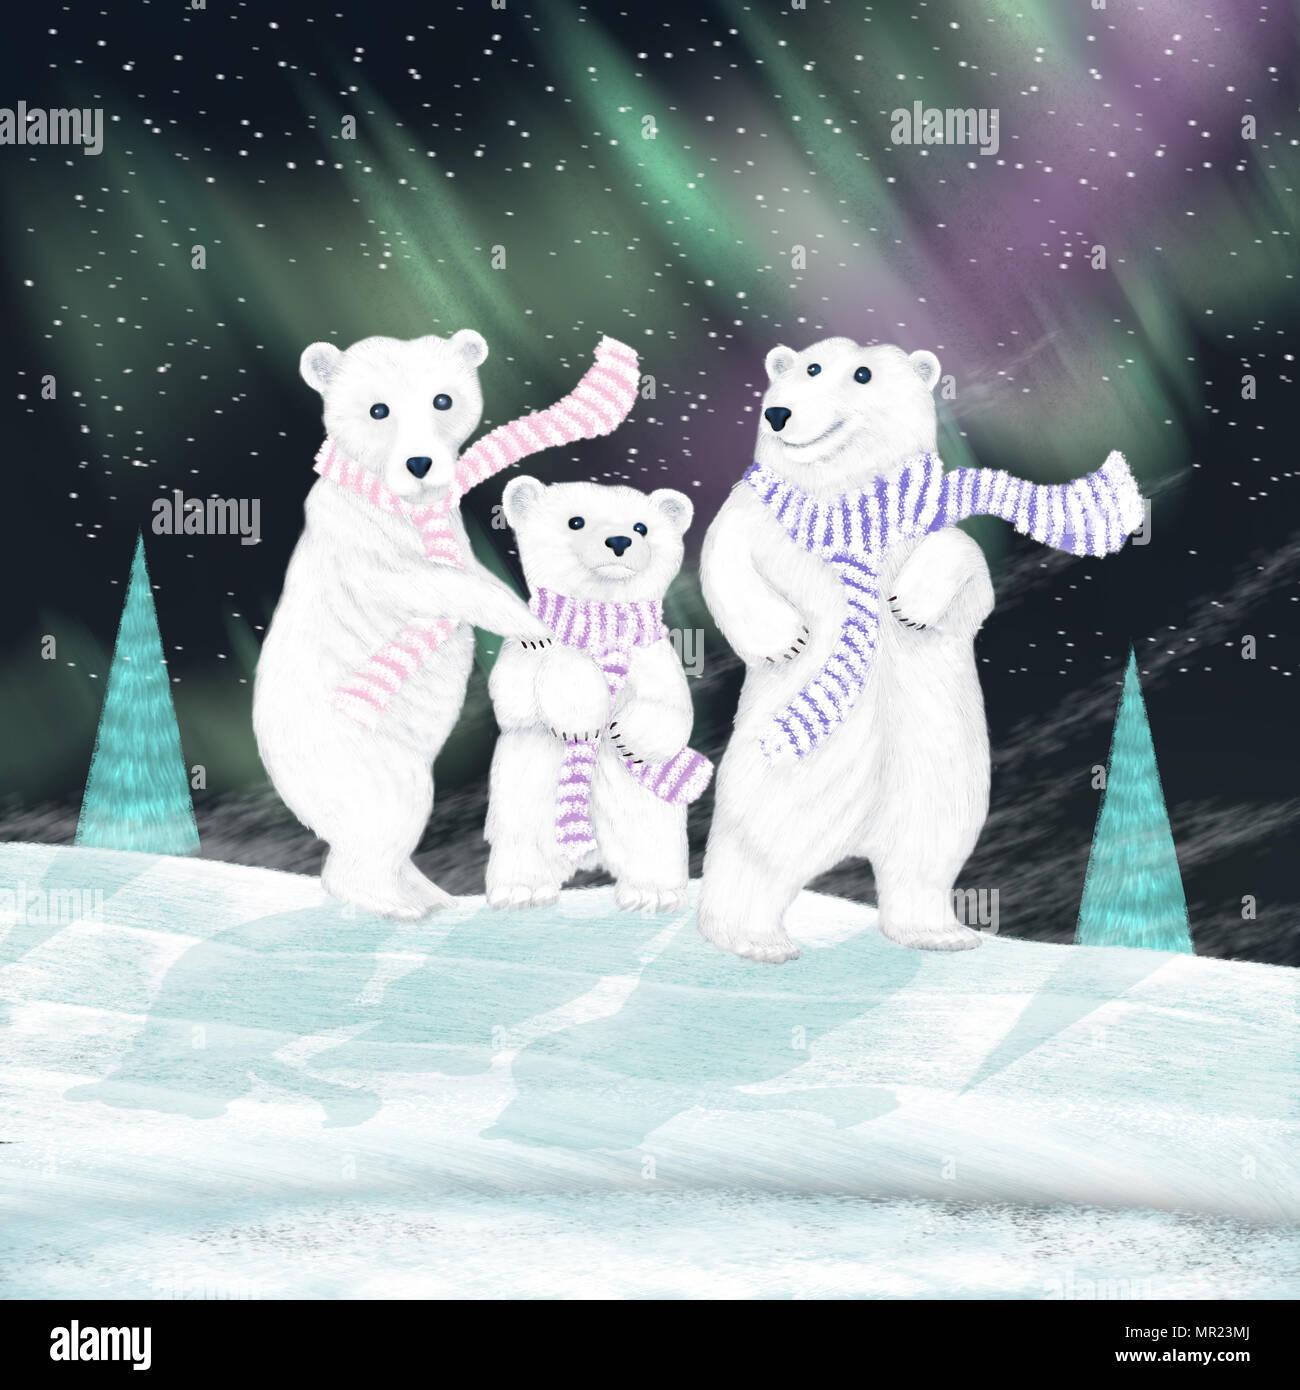 Une Illustration D Une Famille D Ours Blancs Portant Des Foulards